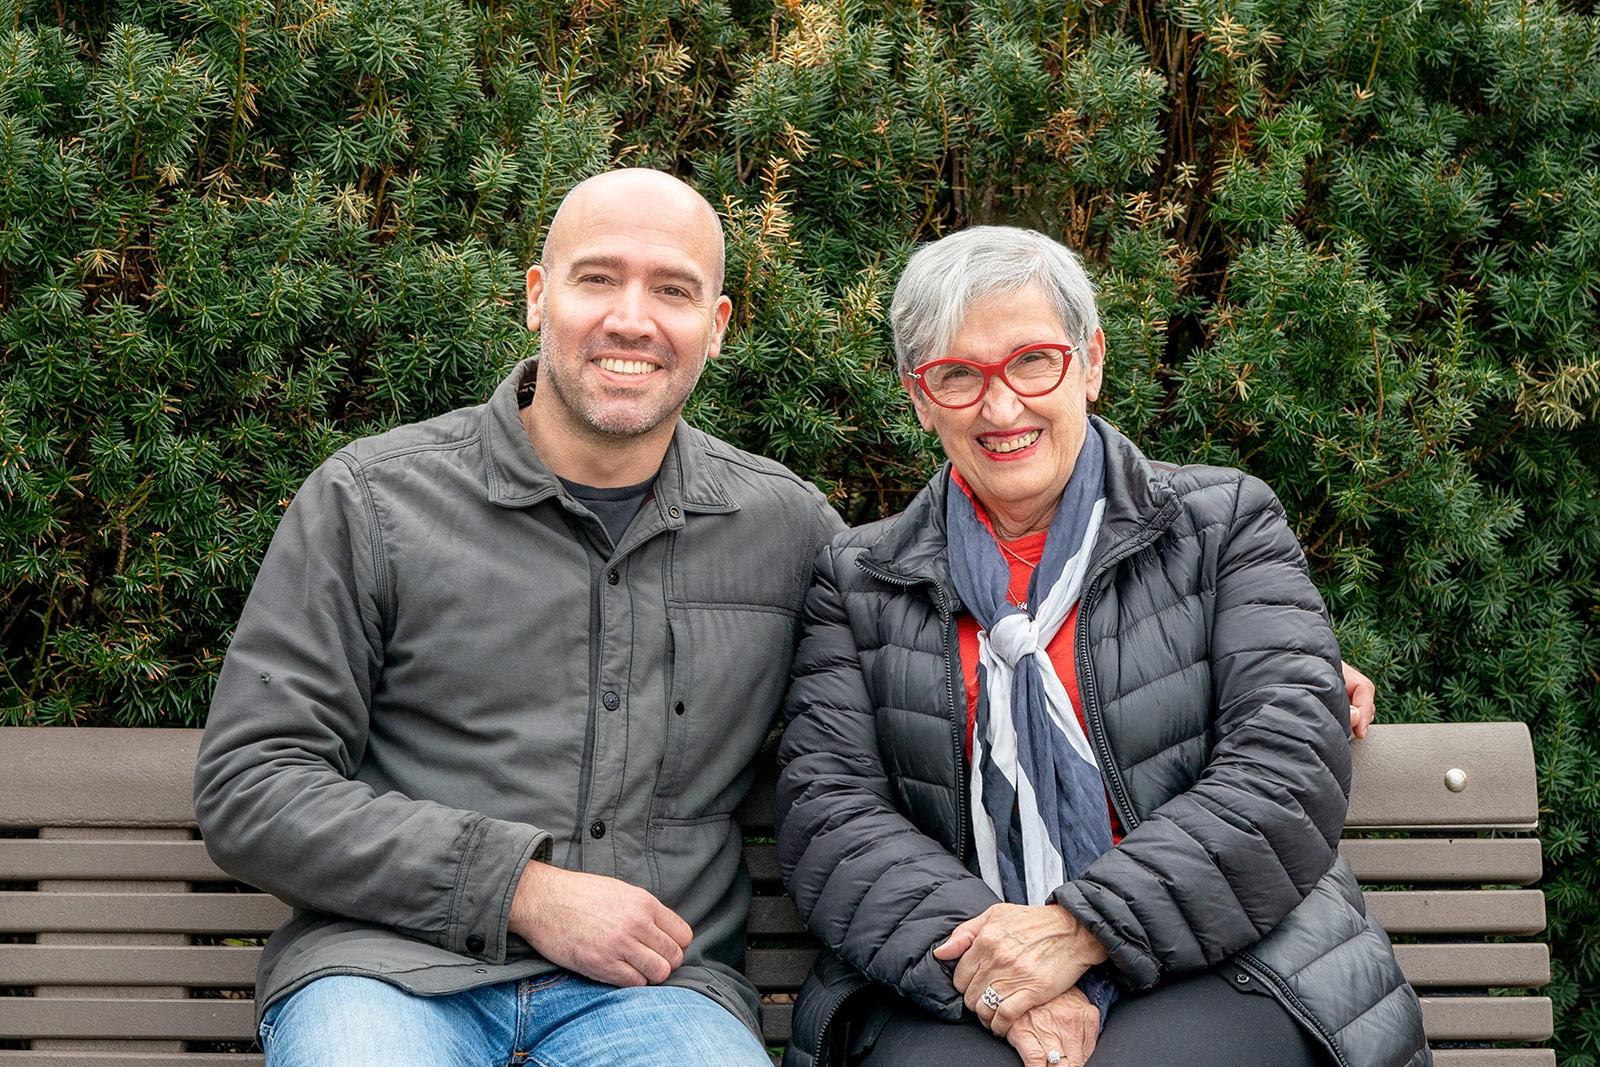 Stefano dévoile 9 secrets gourmands sur sa maman